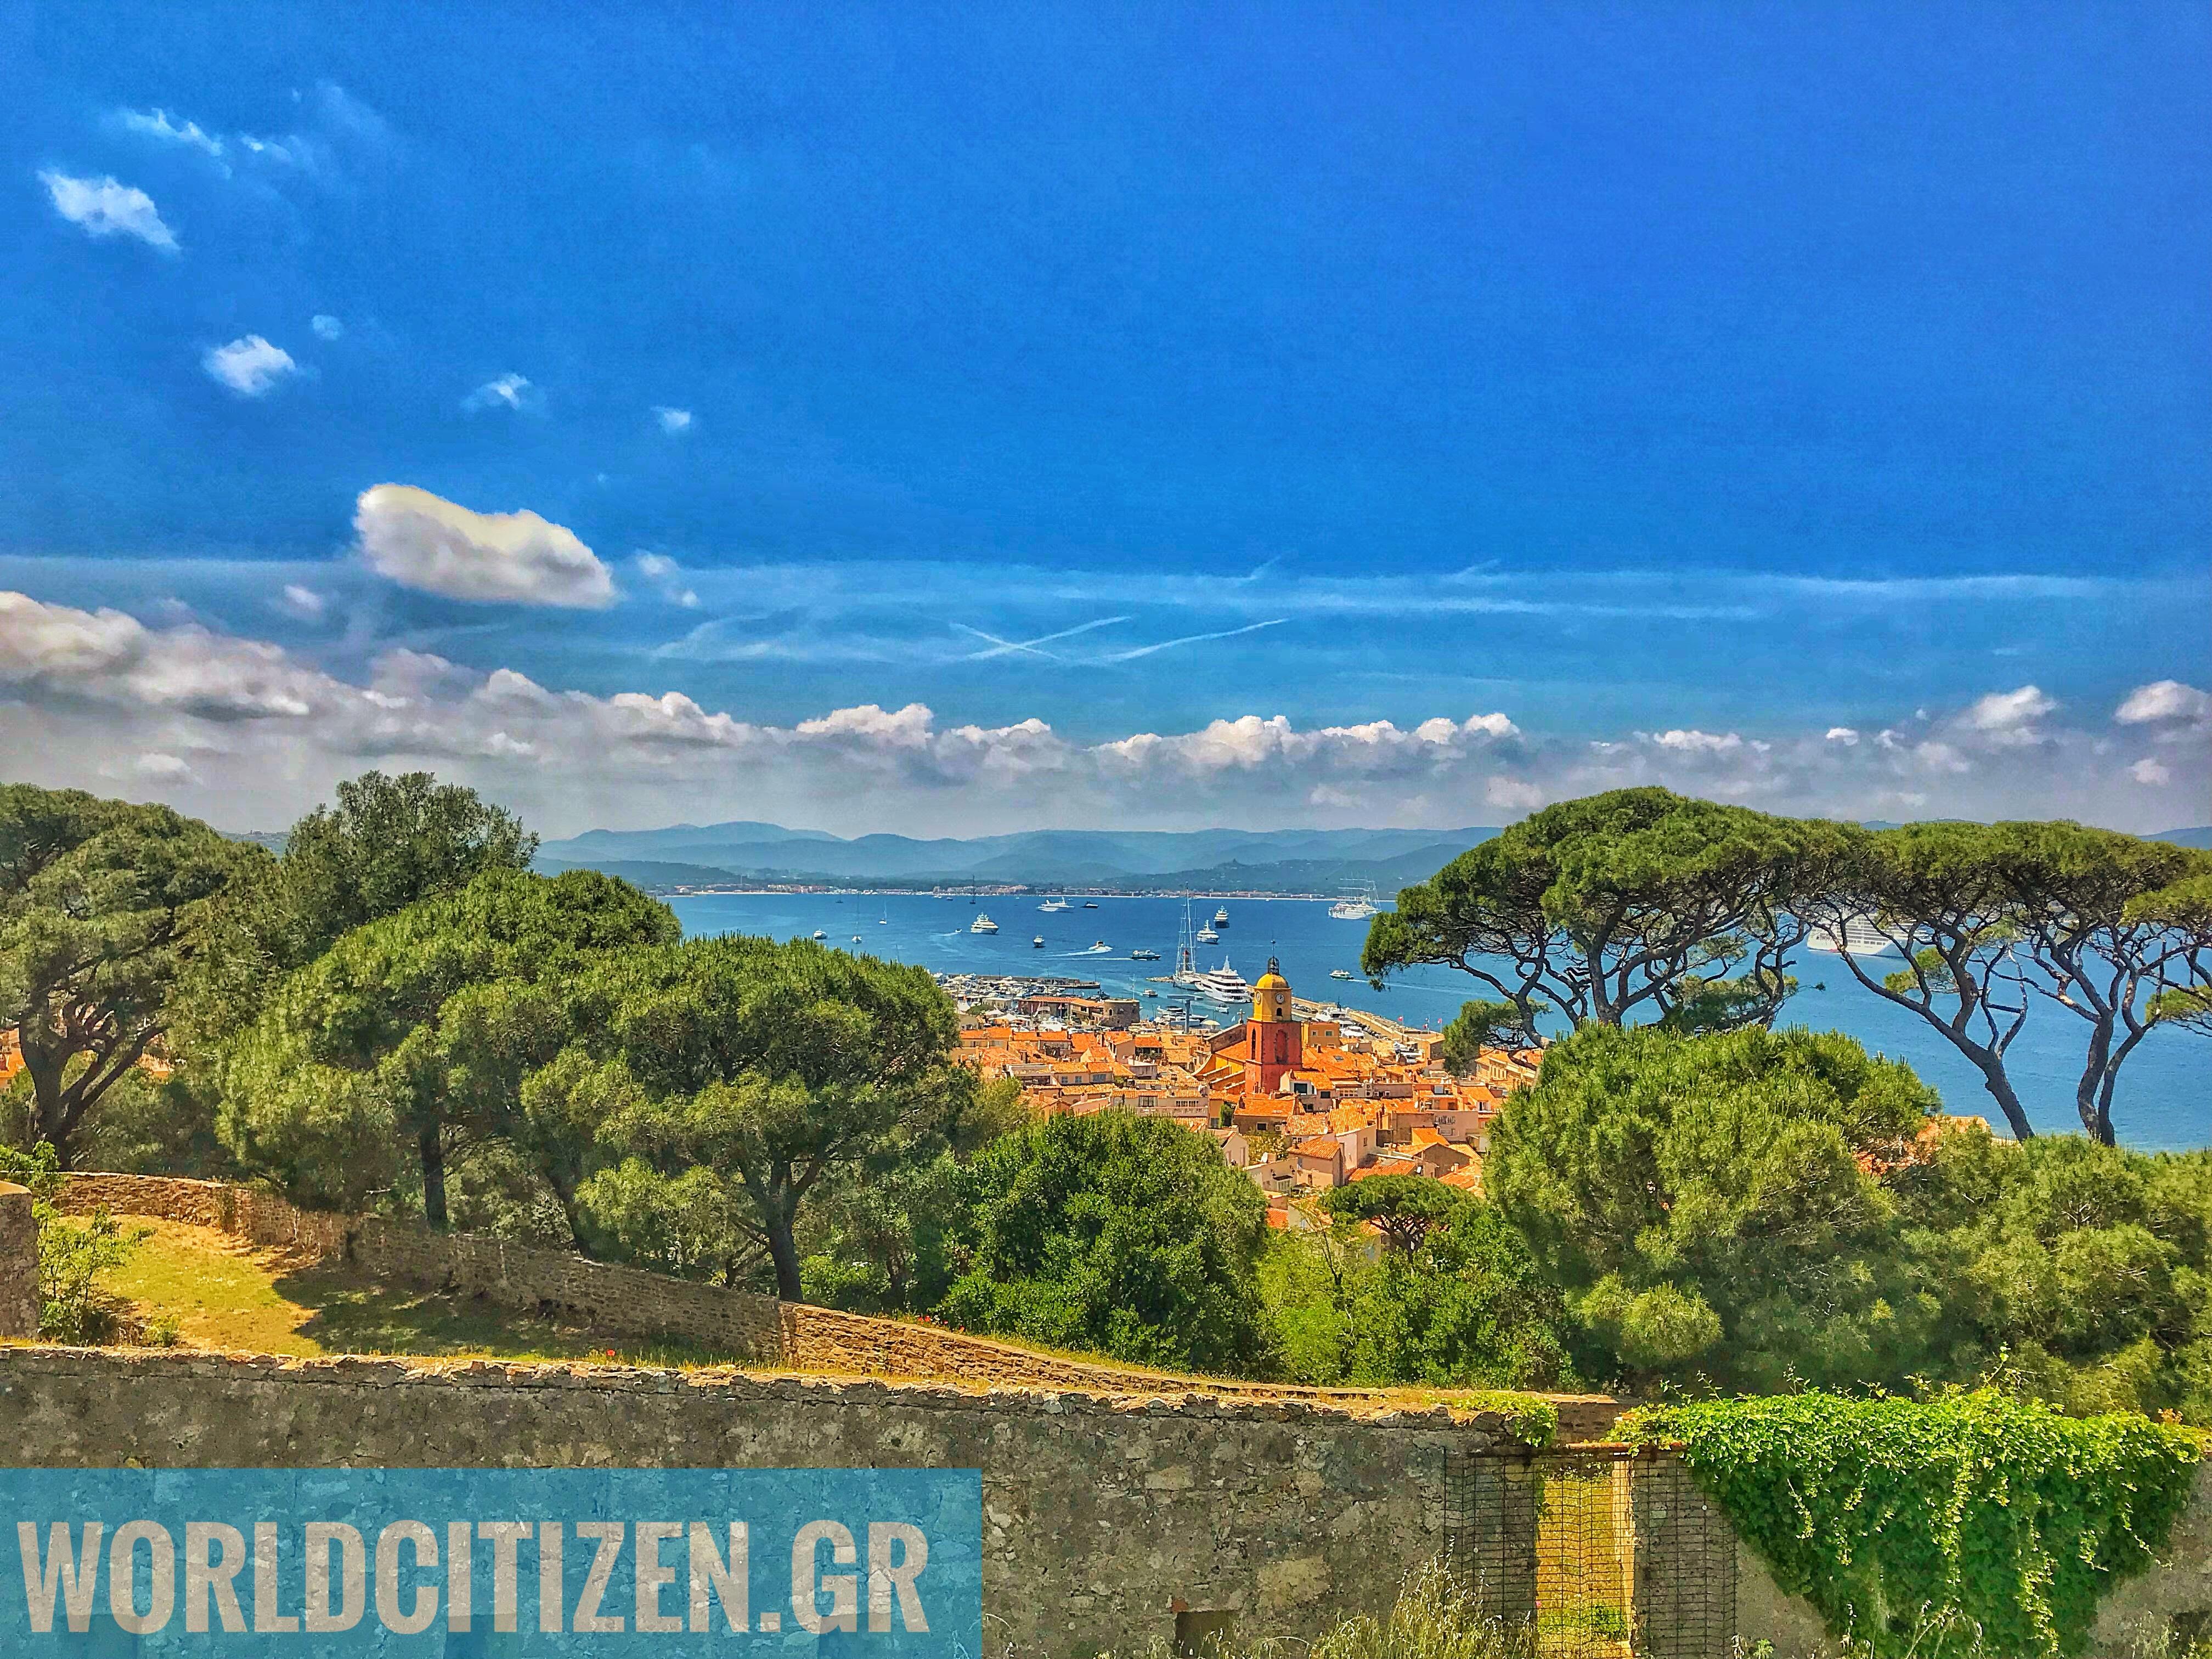 Θέα από το κάστρο Citadelle προς το λιμάνι & το κέντρο του Σαιντ Τροπέζ.